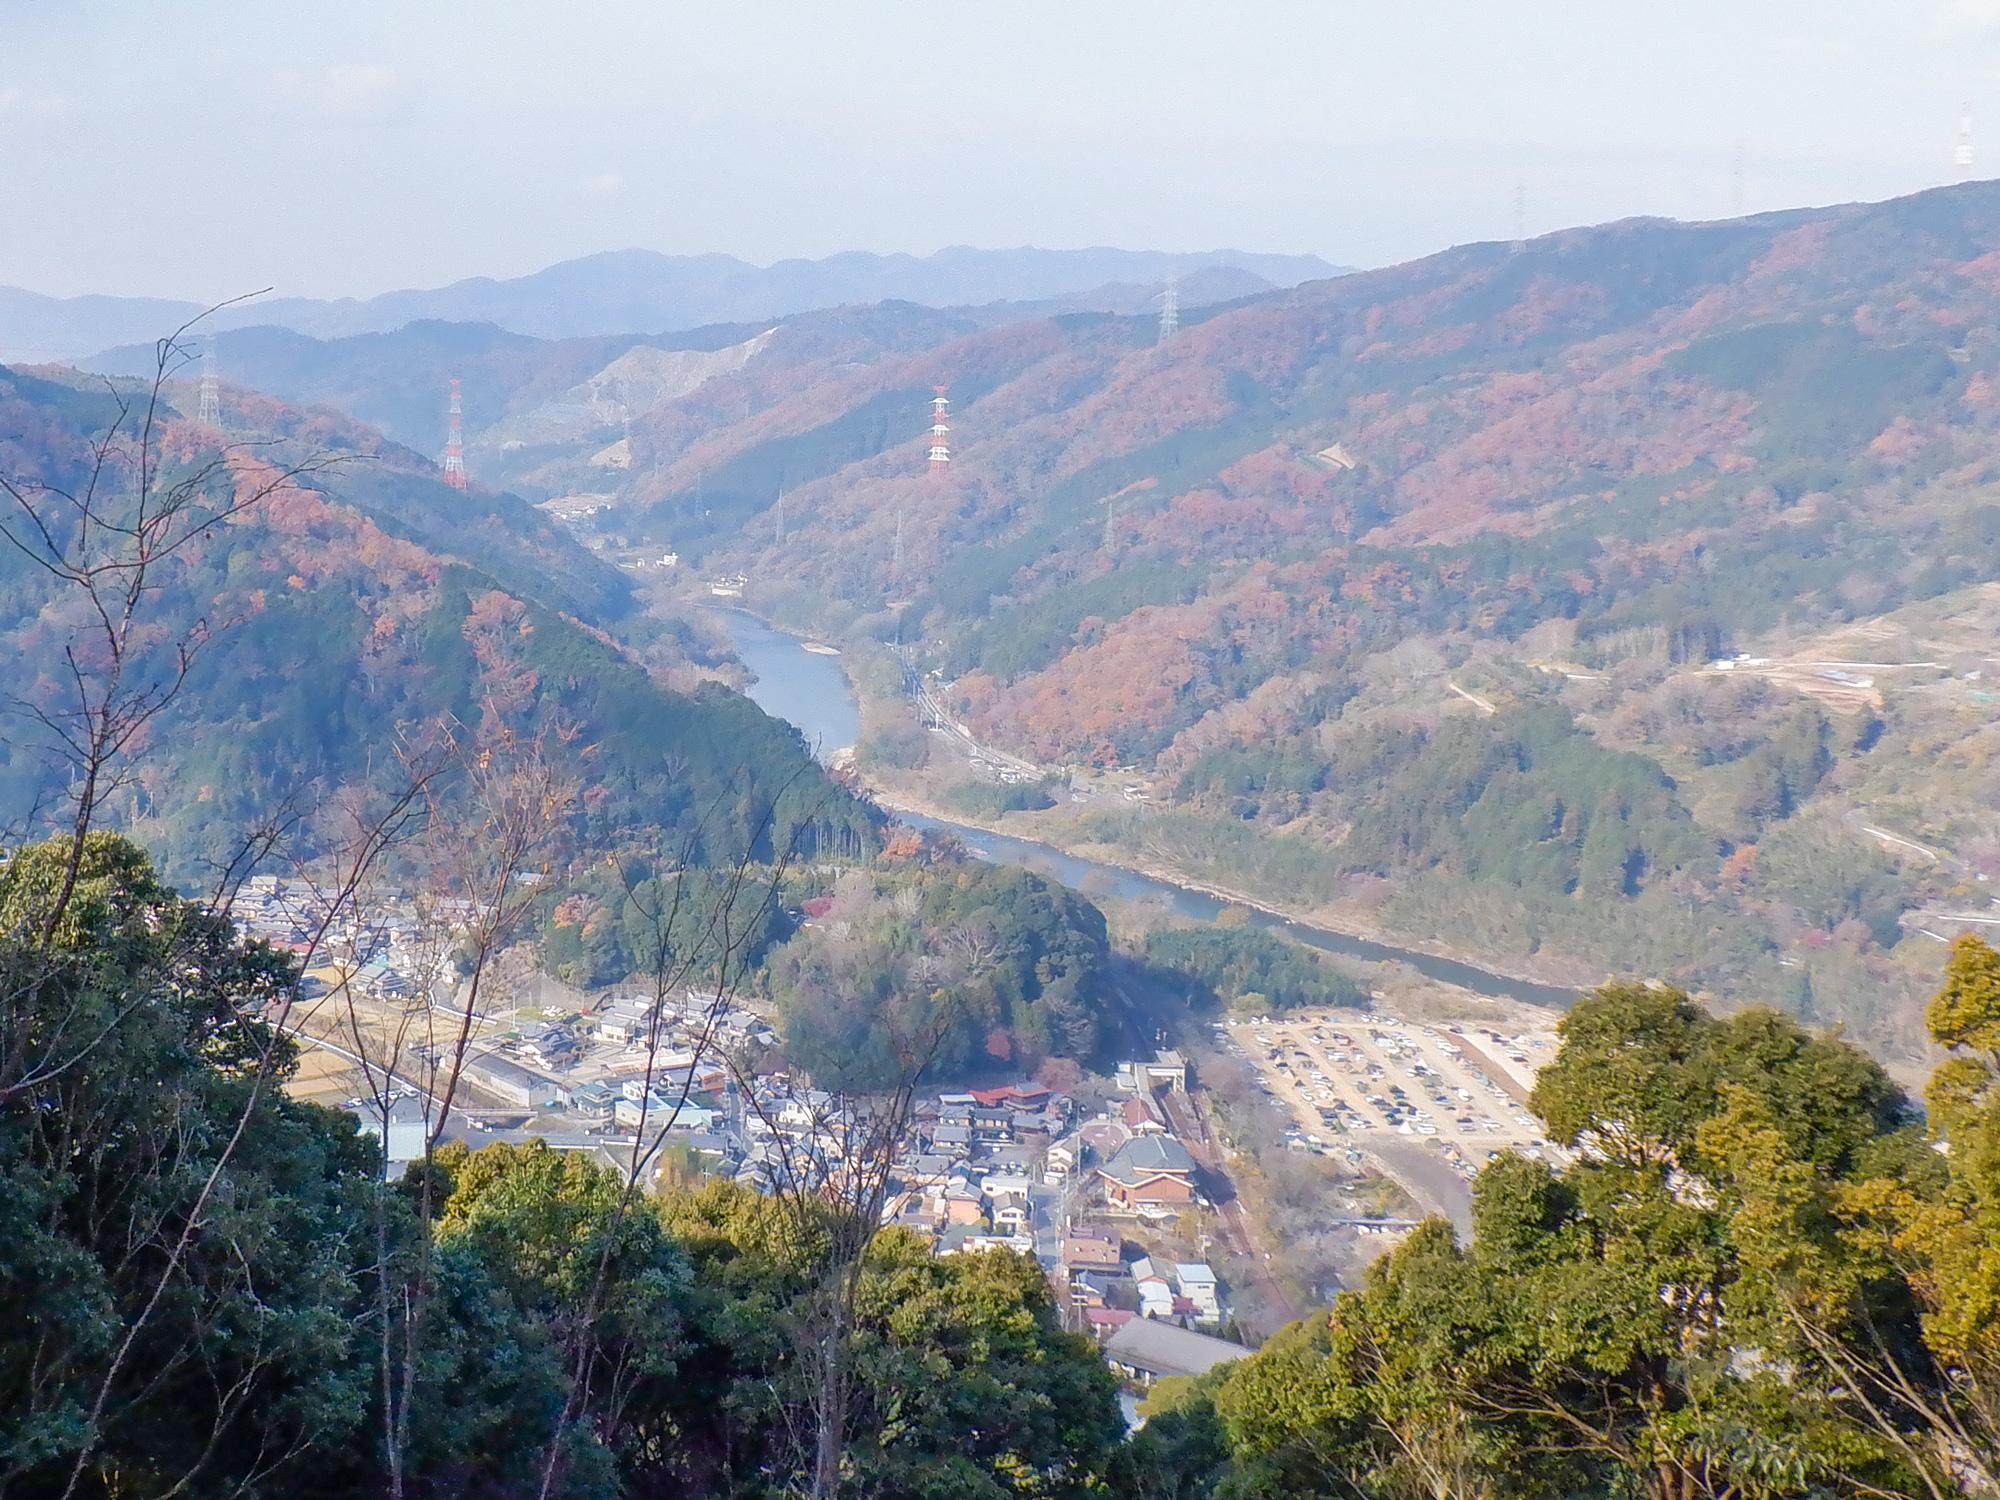 笠置寺 貝吹岩からの景色